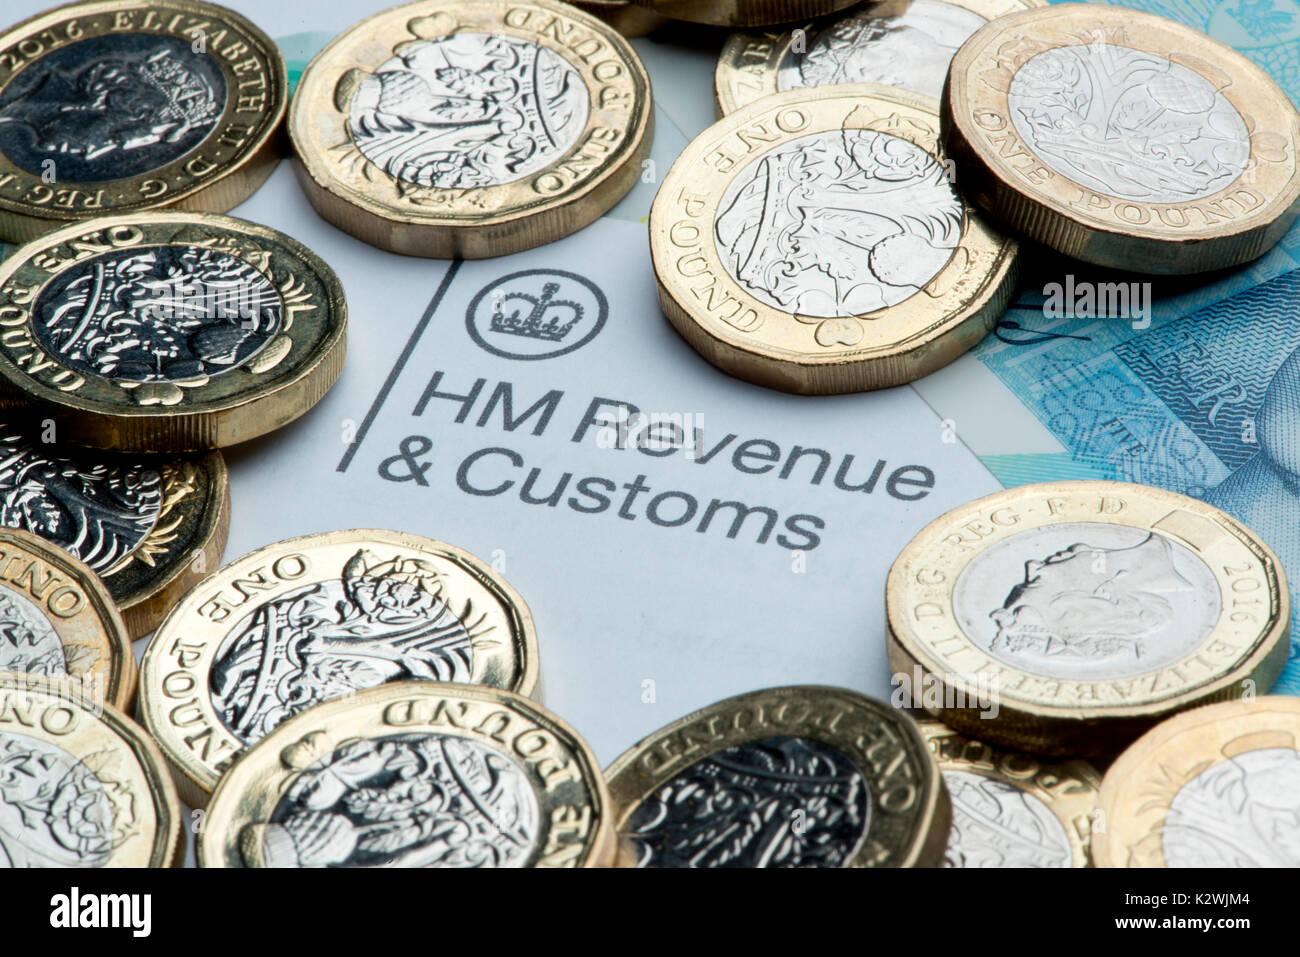 Un chiffre d'HM et Douanes en-tête entourée par de nouveaux €1 €5 pièces de monnaie et une note. Photo Stock